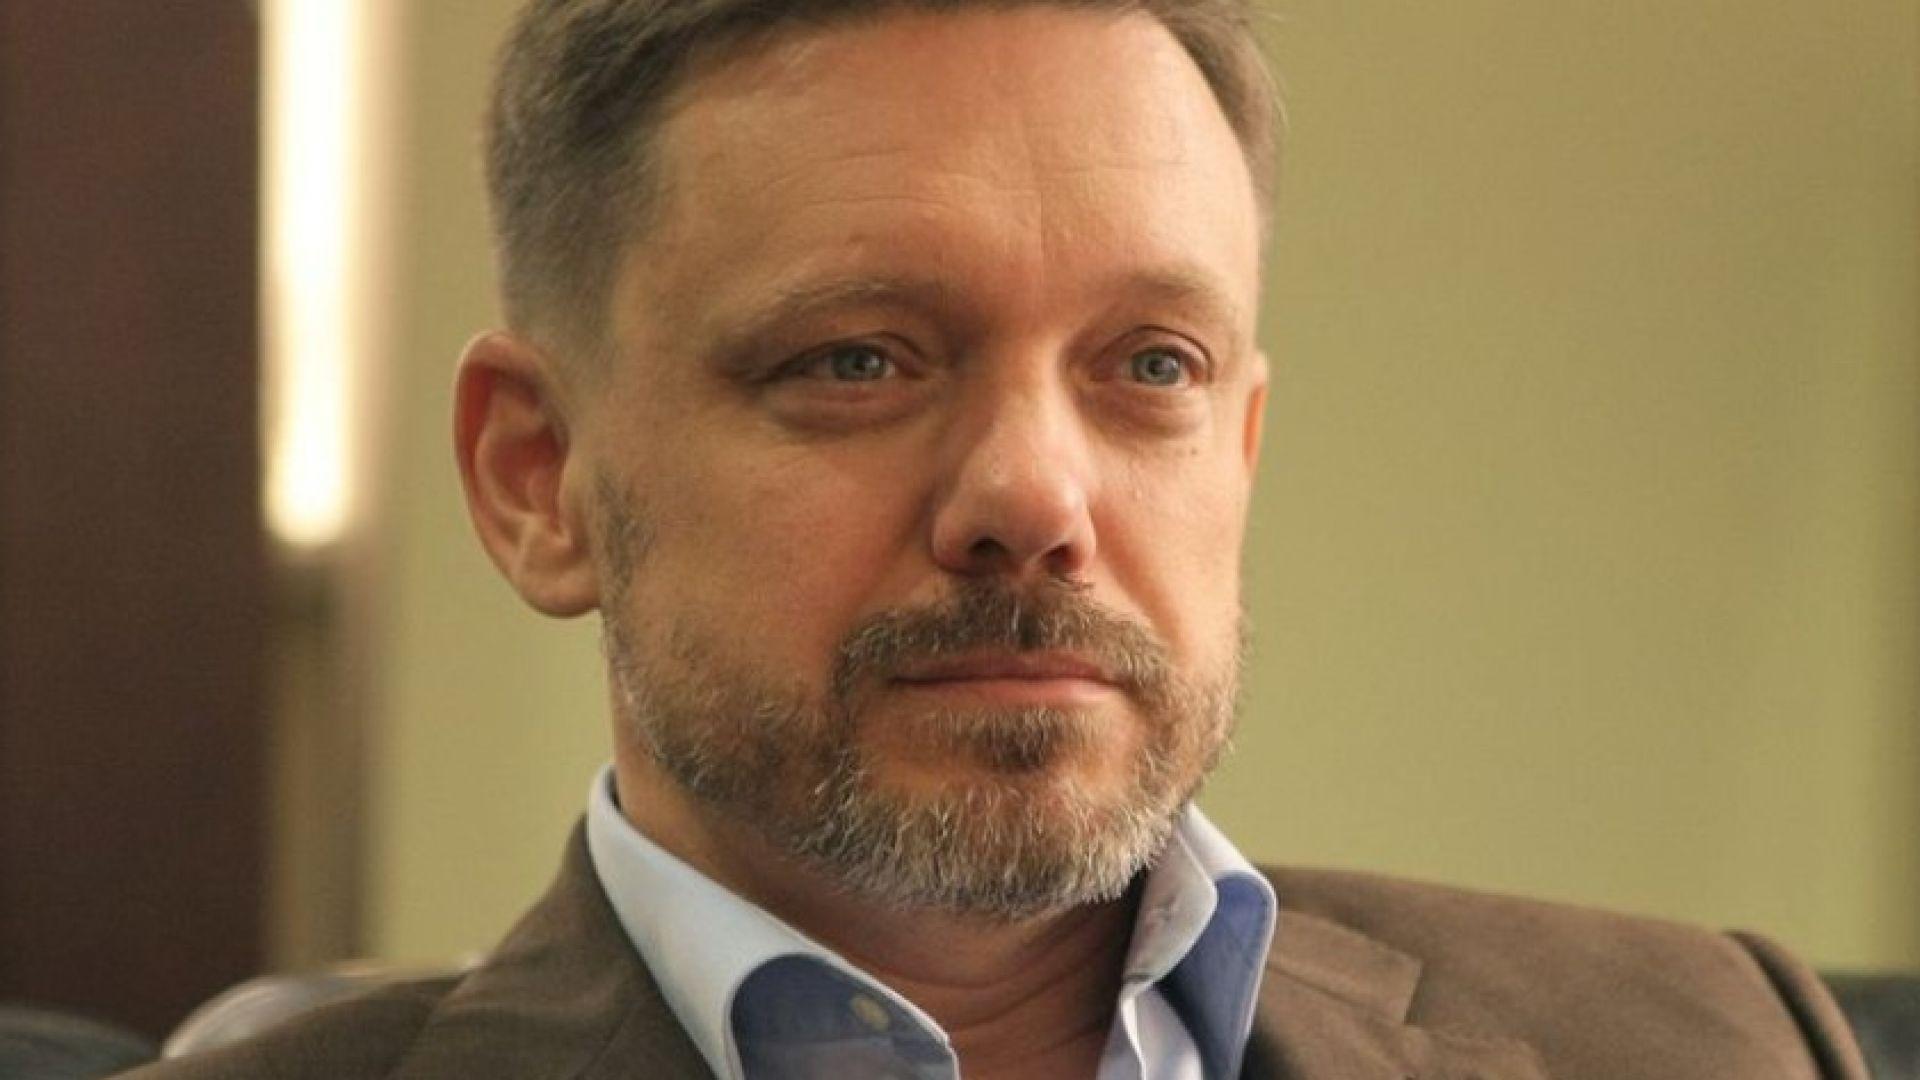 Уволниха украински банкер след сбиване с разследващи журналисти (видео)